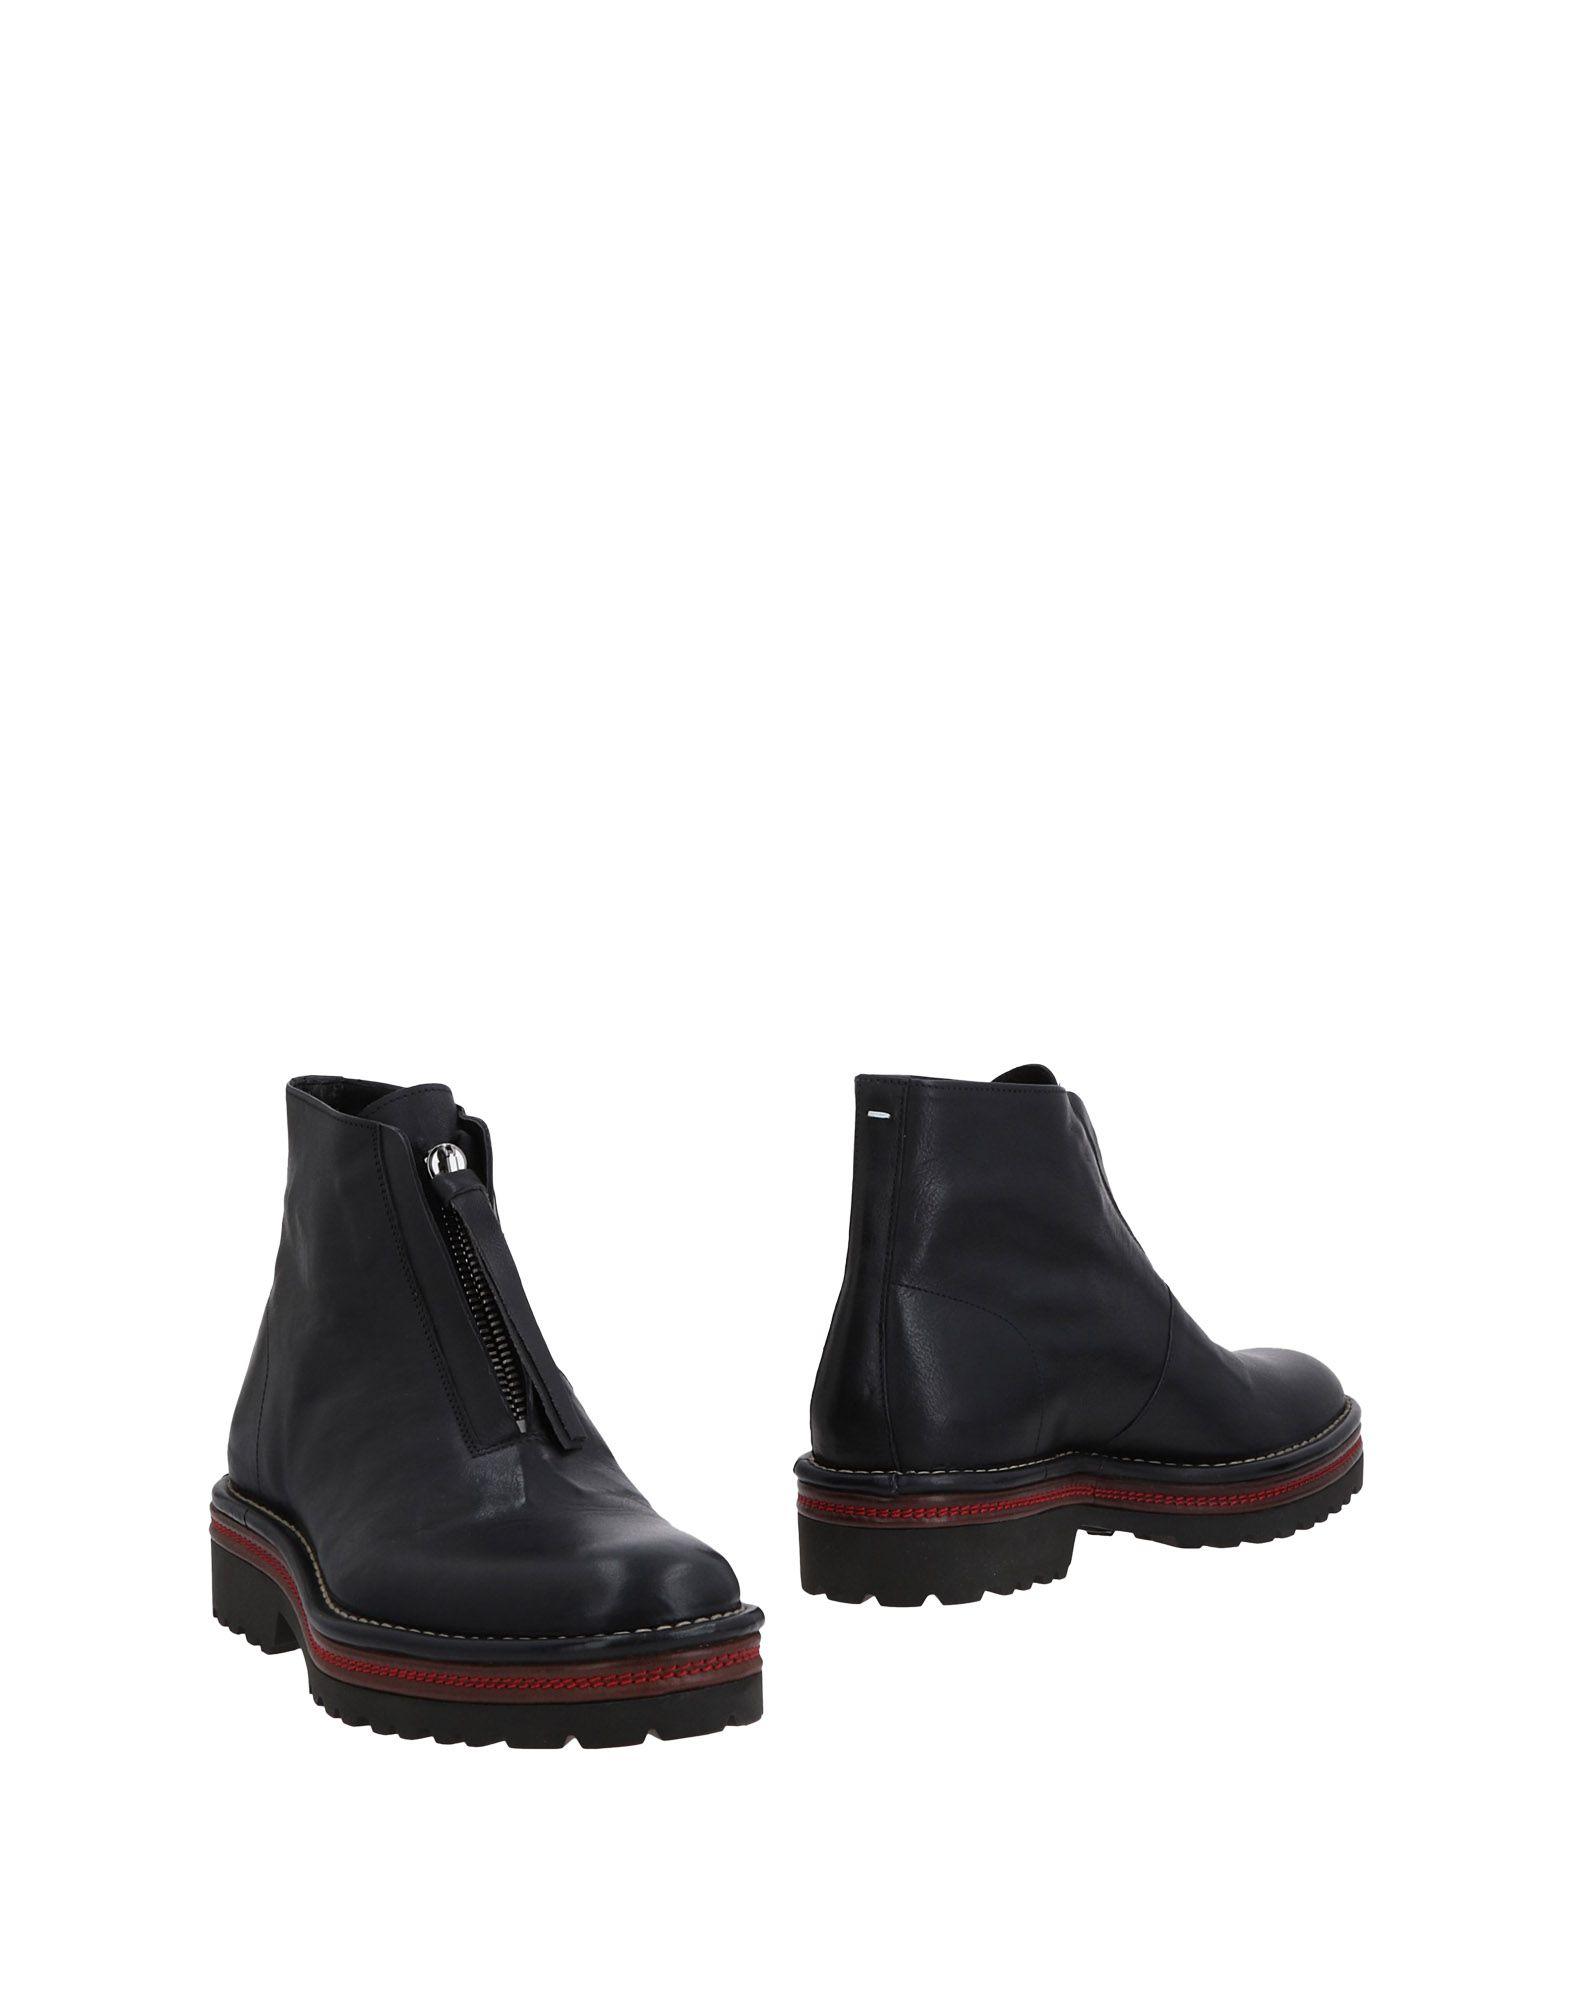 Maison Margiela Stiefelette Herren  11480509WP Gute Qualität beliebte Schuhe